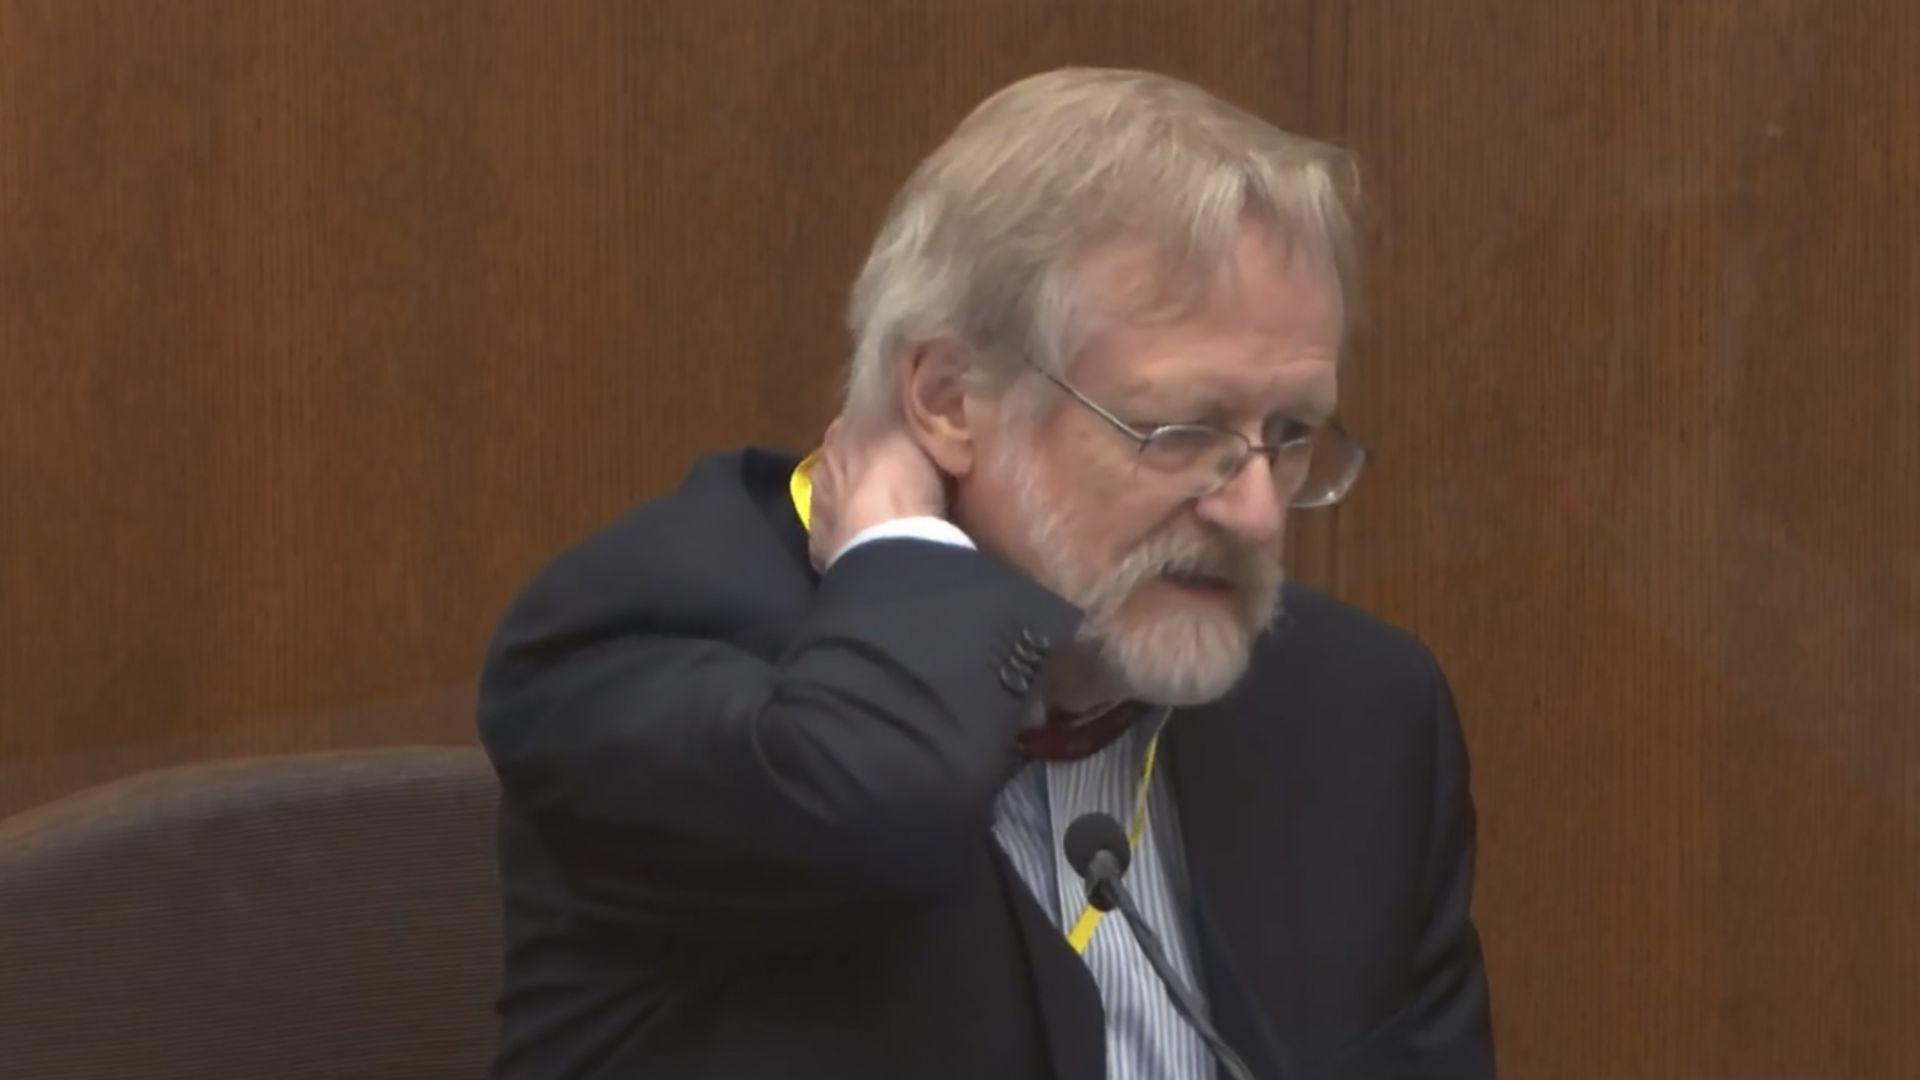 Д-р Мартин Тобин дава свидетелски показания. Снимката е направена от видео